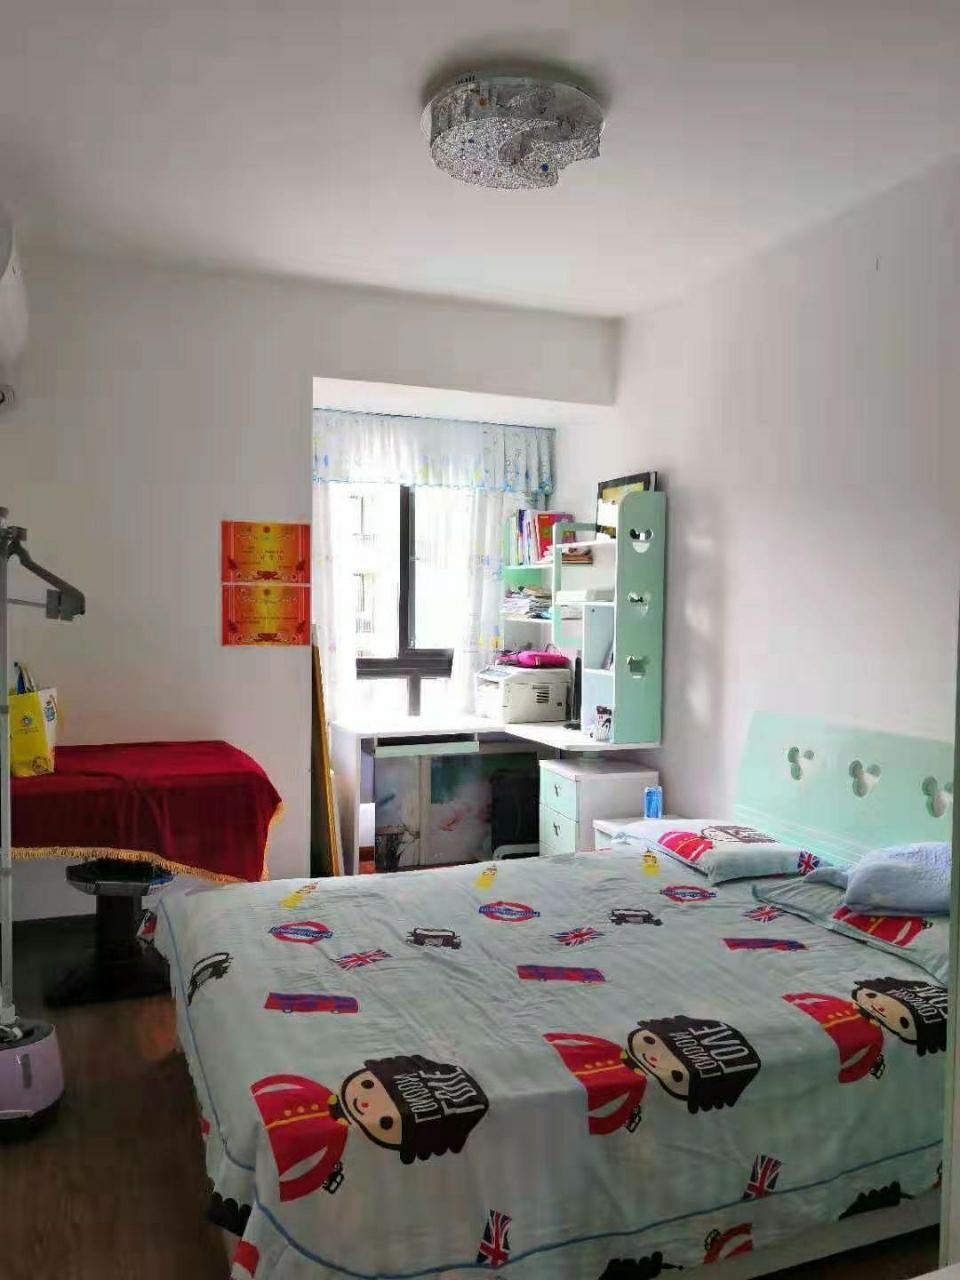 山台山3室2厅2卫63.8万元